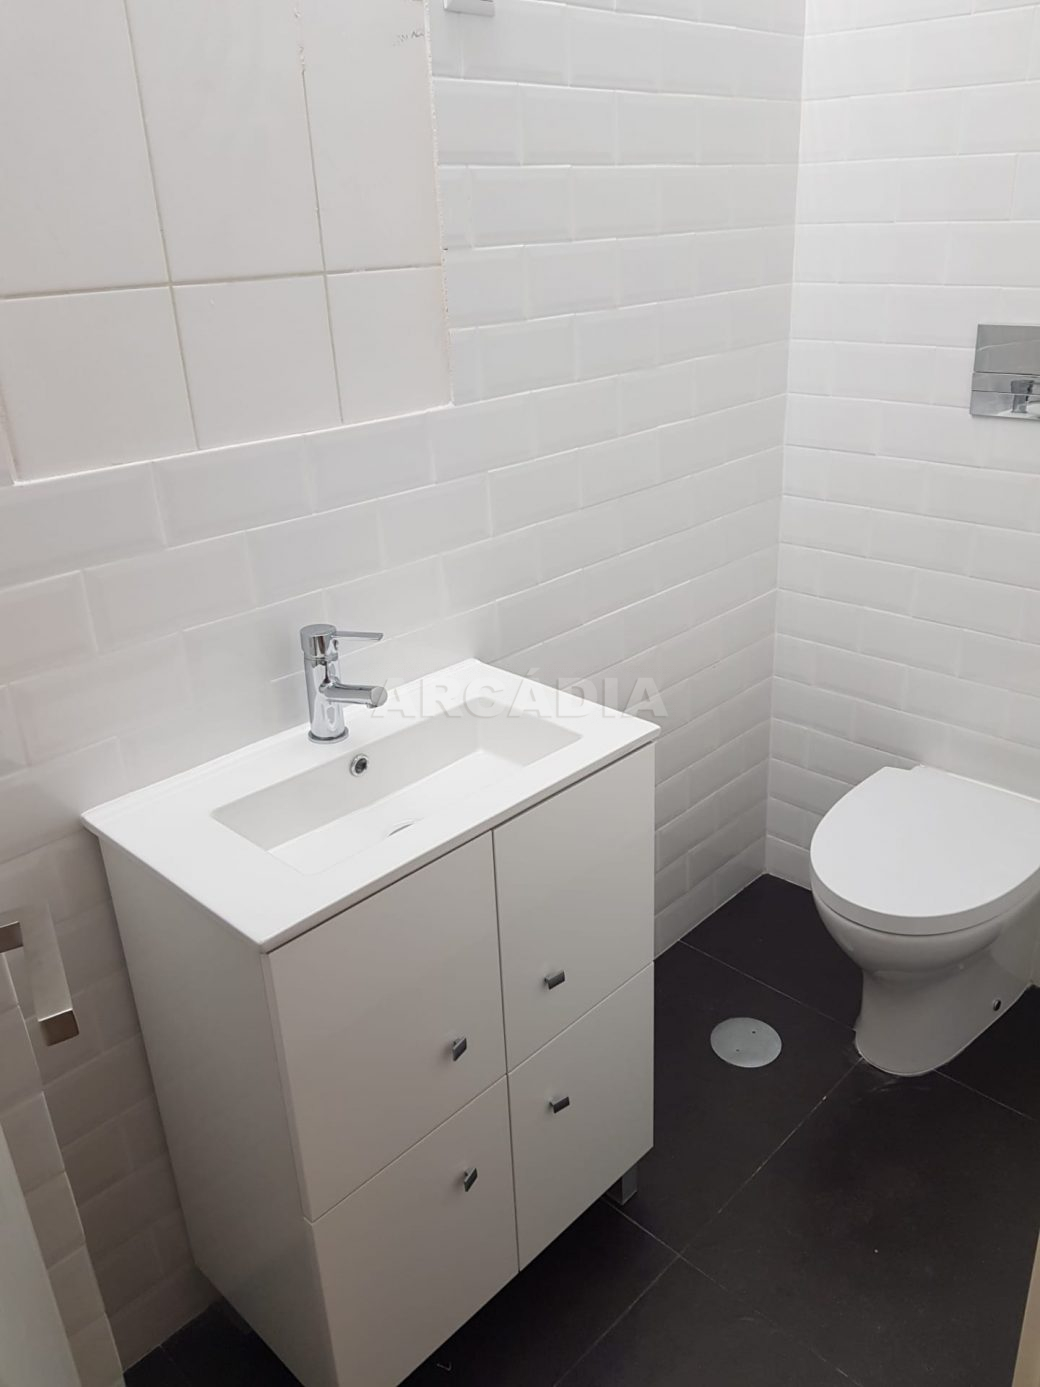 arcadia-imobiliaria-braga-sao-vitor-apartamento-moderno-central-com-garagem-10